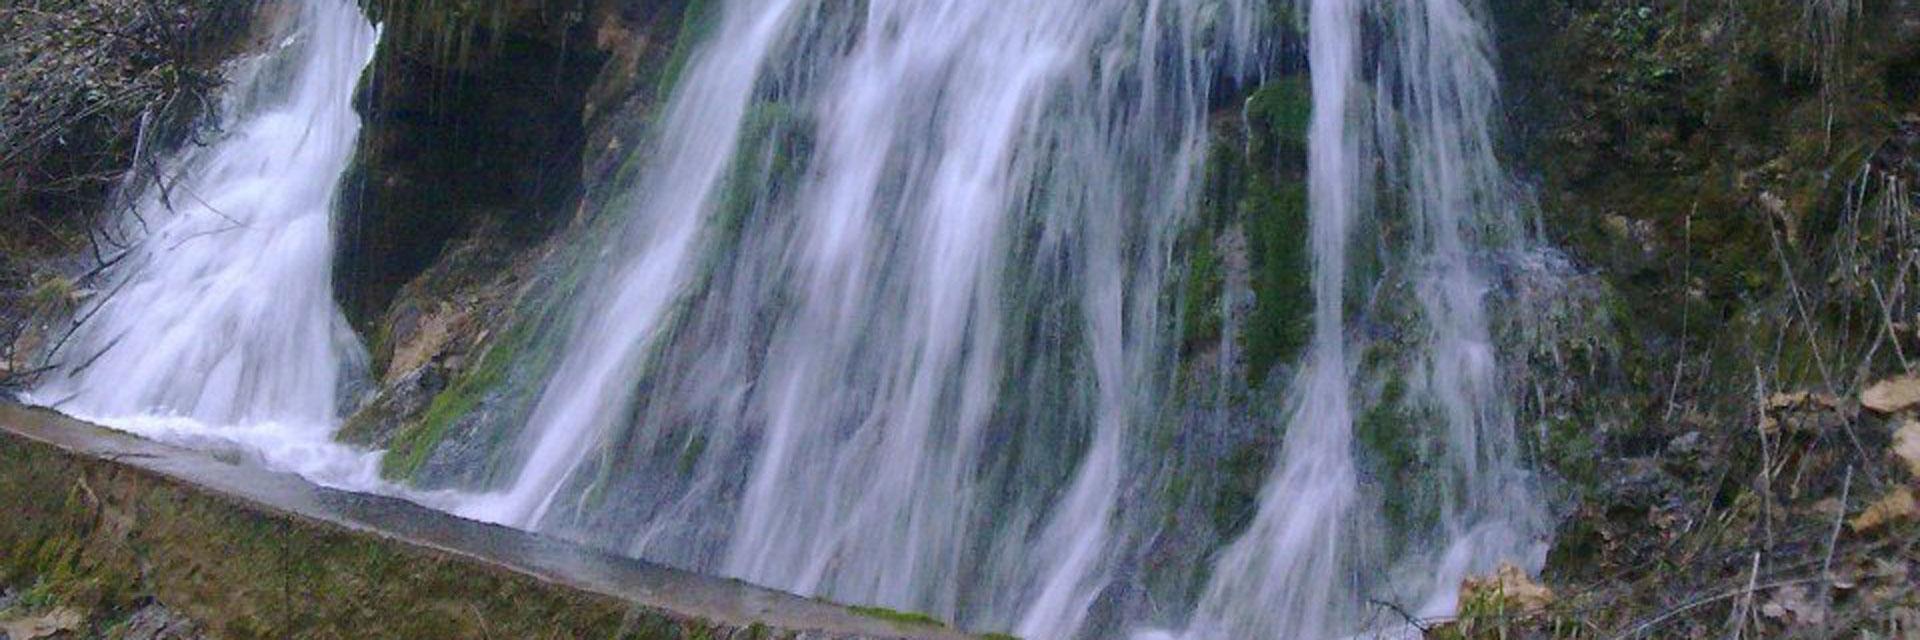 Vodopad Buk